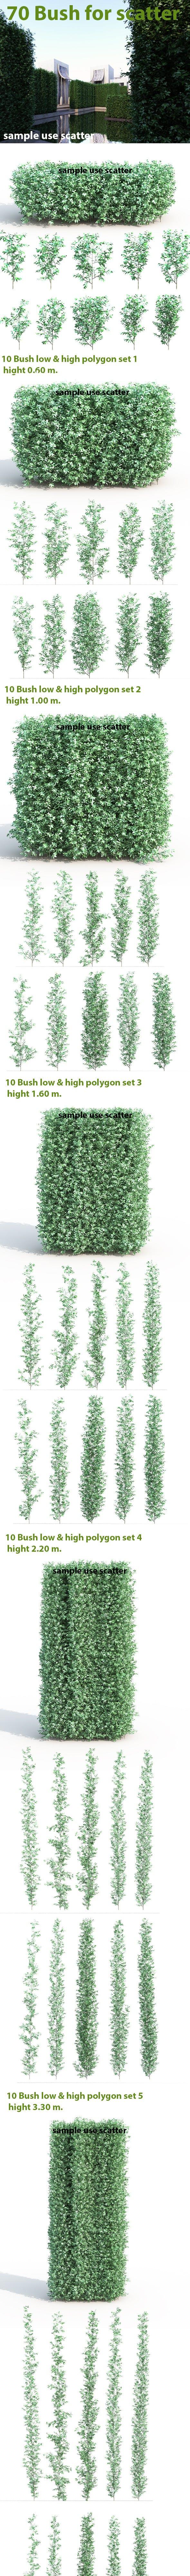 70 Bush For Scatter  - 3DOcean Item for Sale